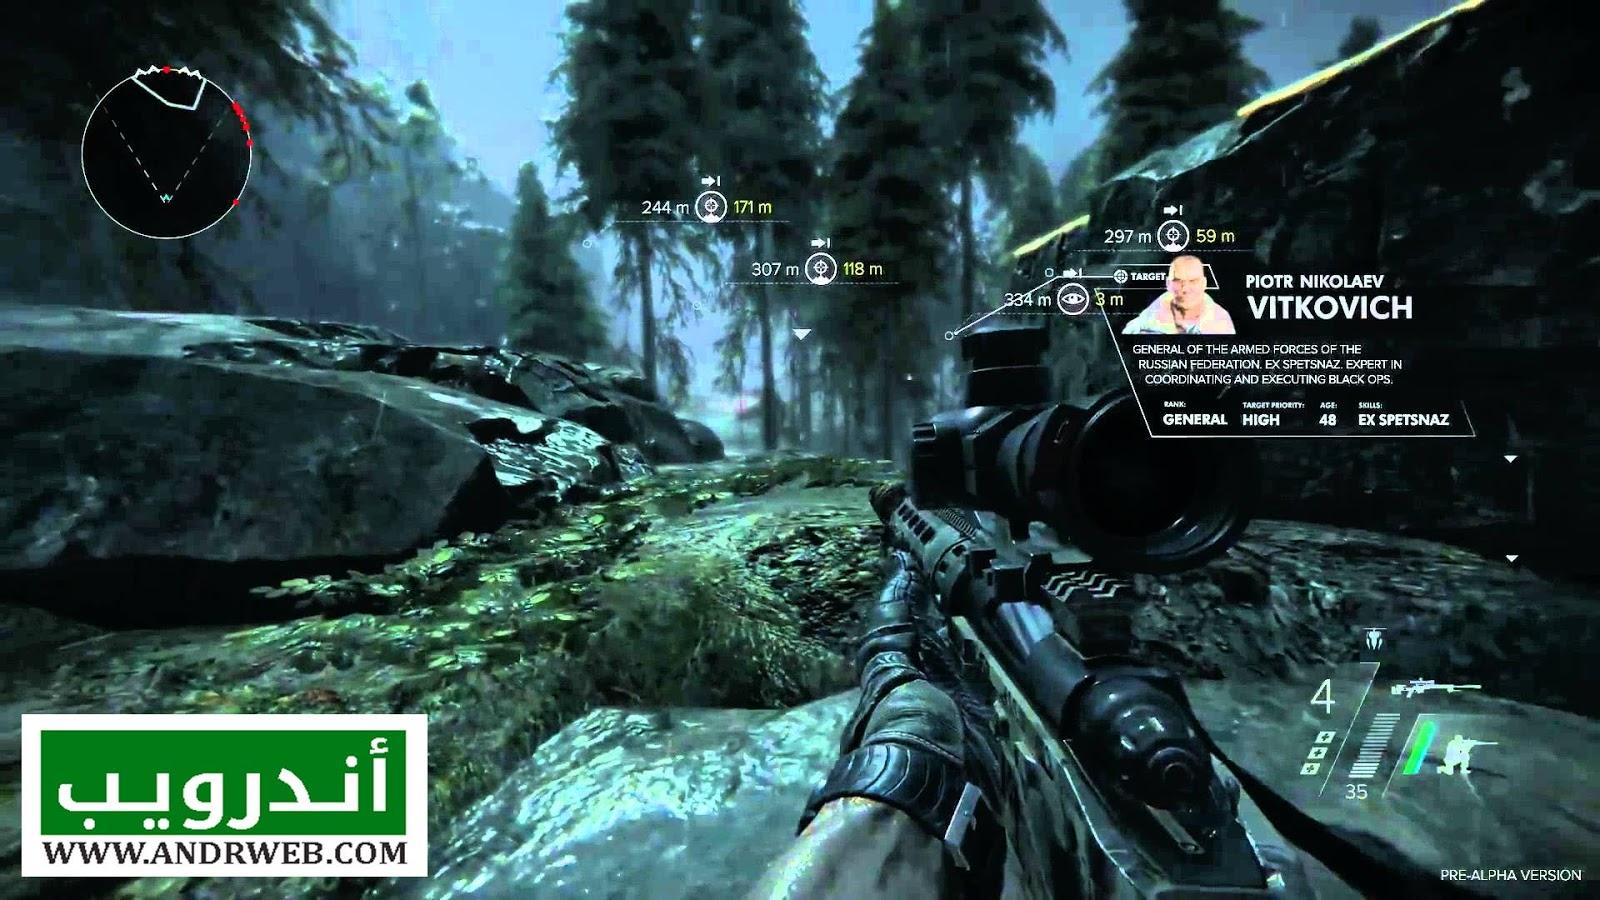 لعبة Sniper Ghost Warrior مهكرة للاندرويد برابط مباشر - أندرويب